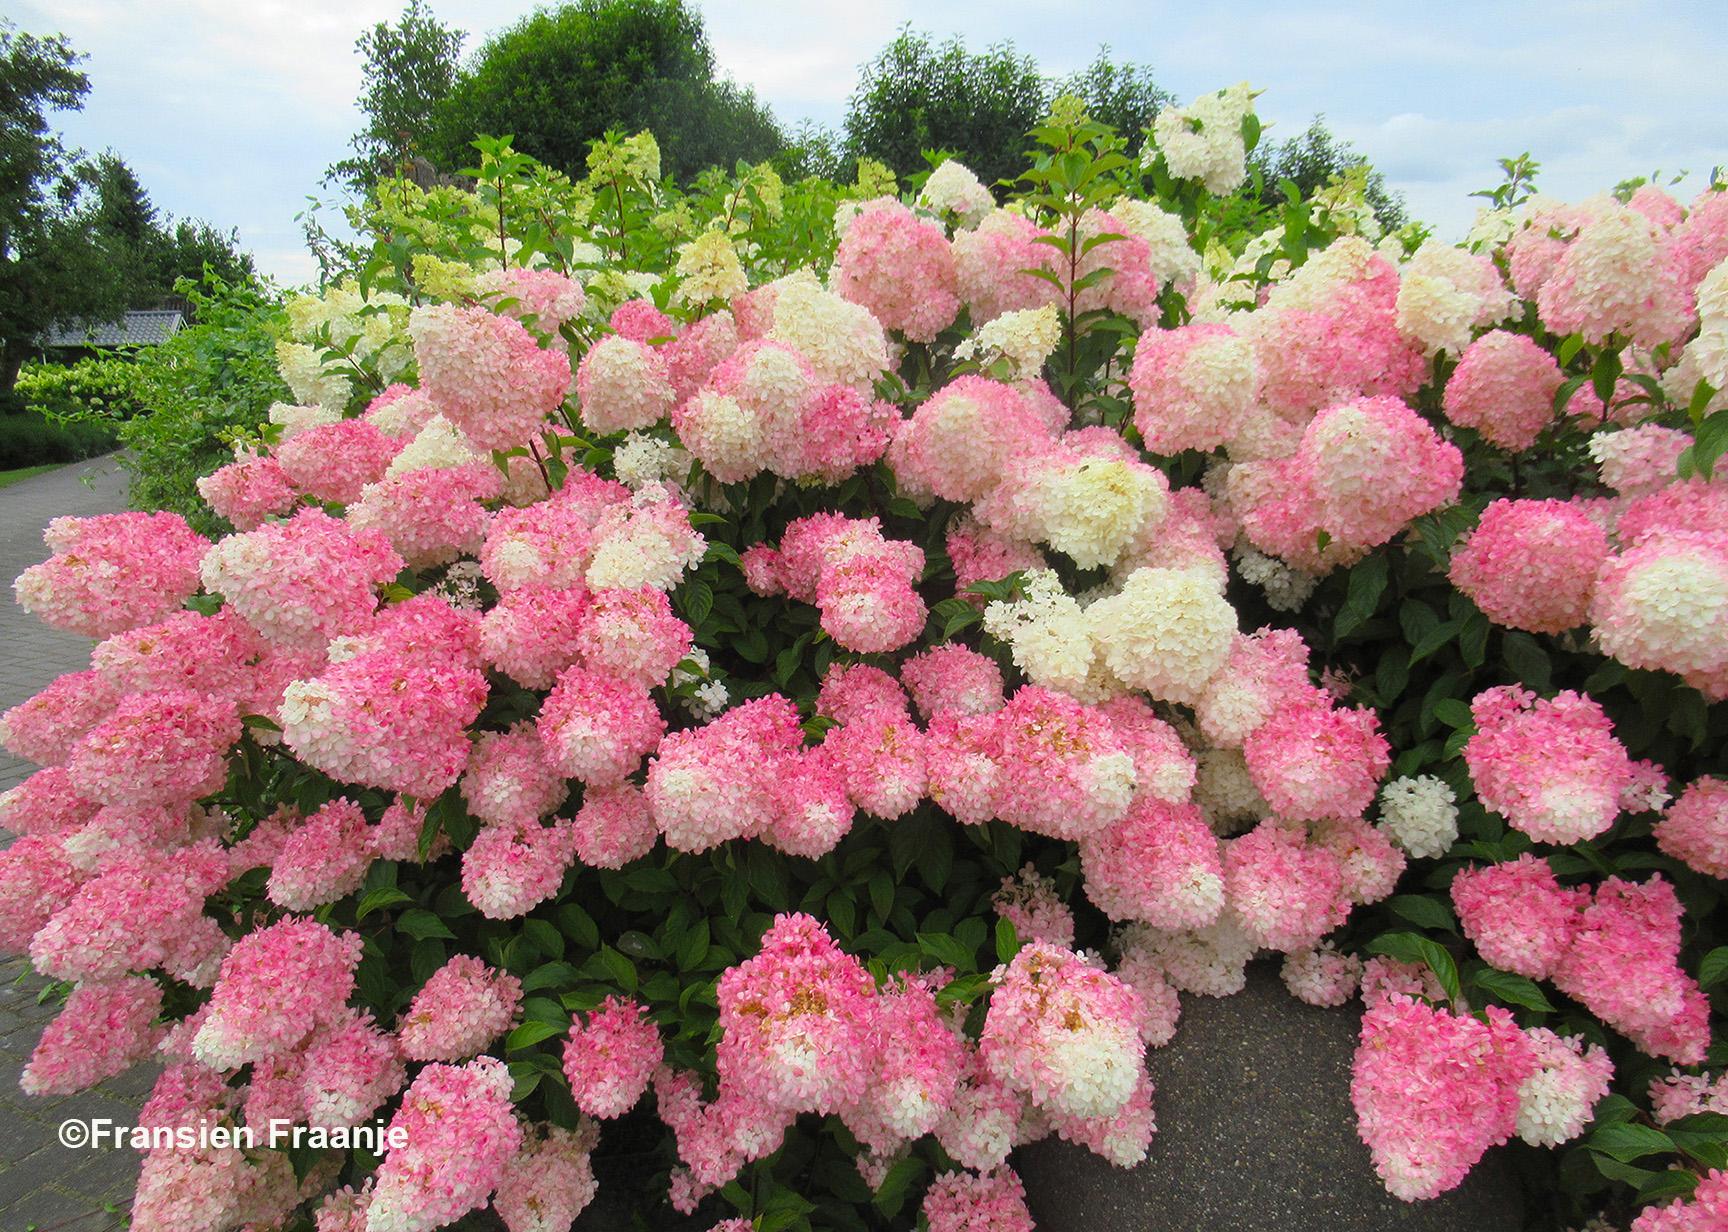 Op weg naar huis passeren we op de Heremeijesteeg deze uitbundig bloeiende Hortensia's - Foto: ©Fransien Fraanje